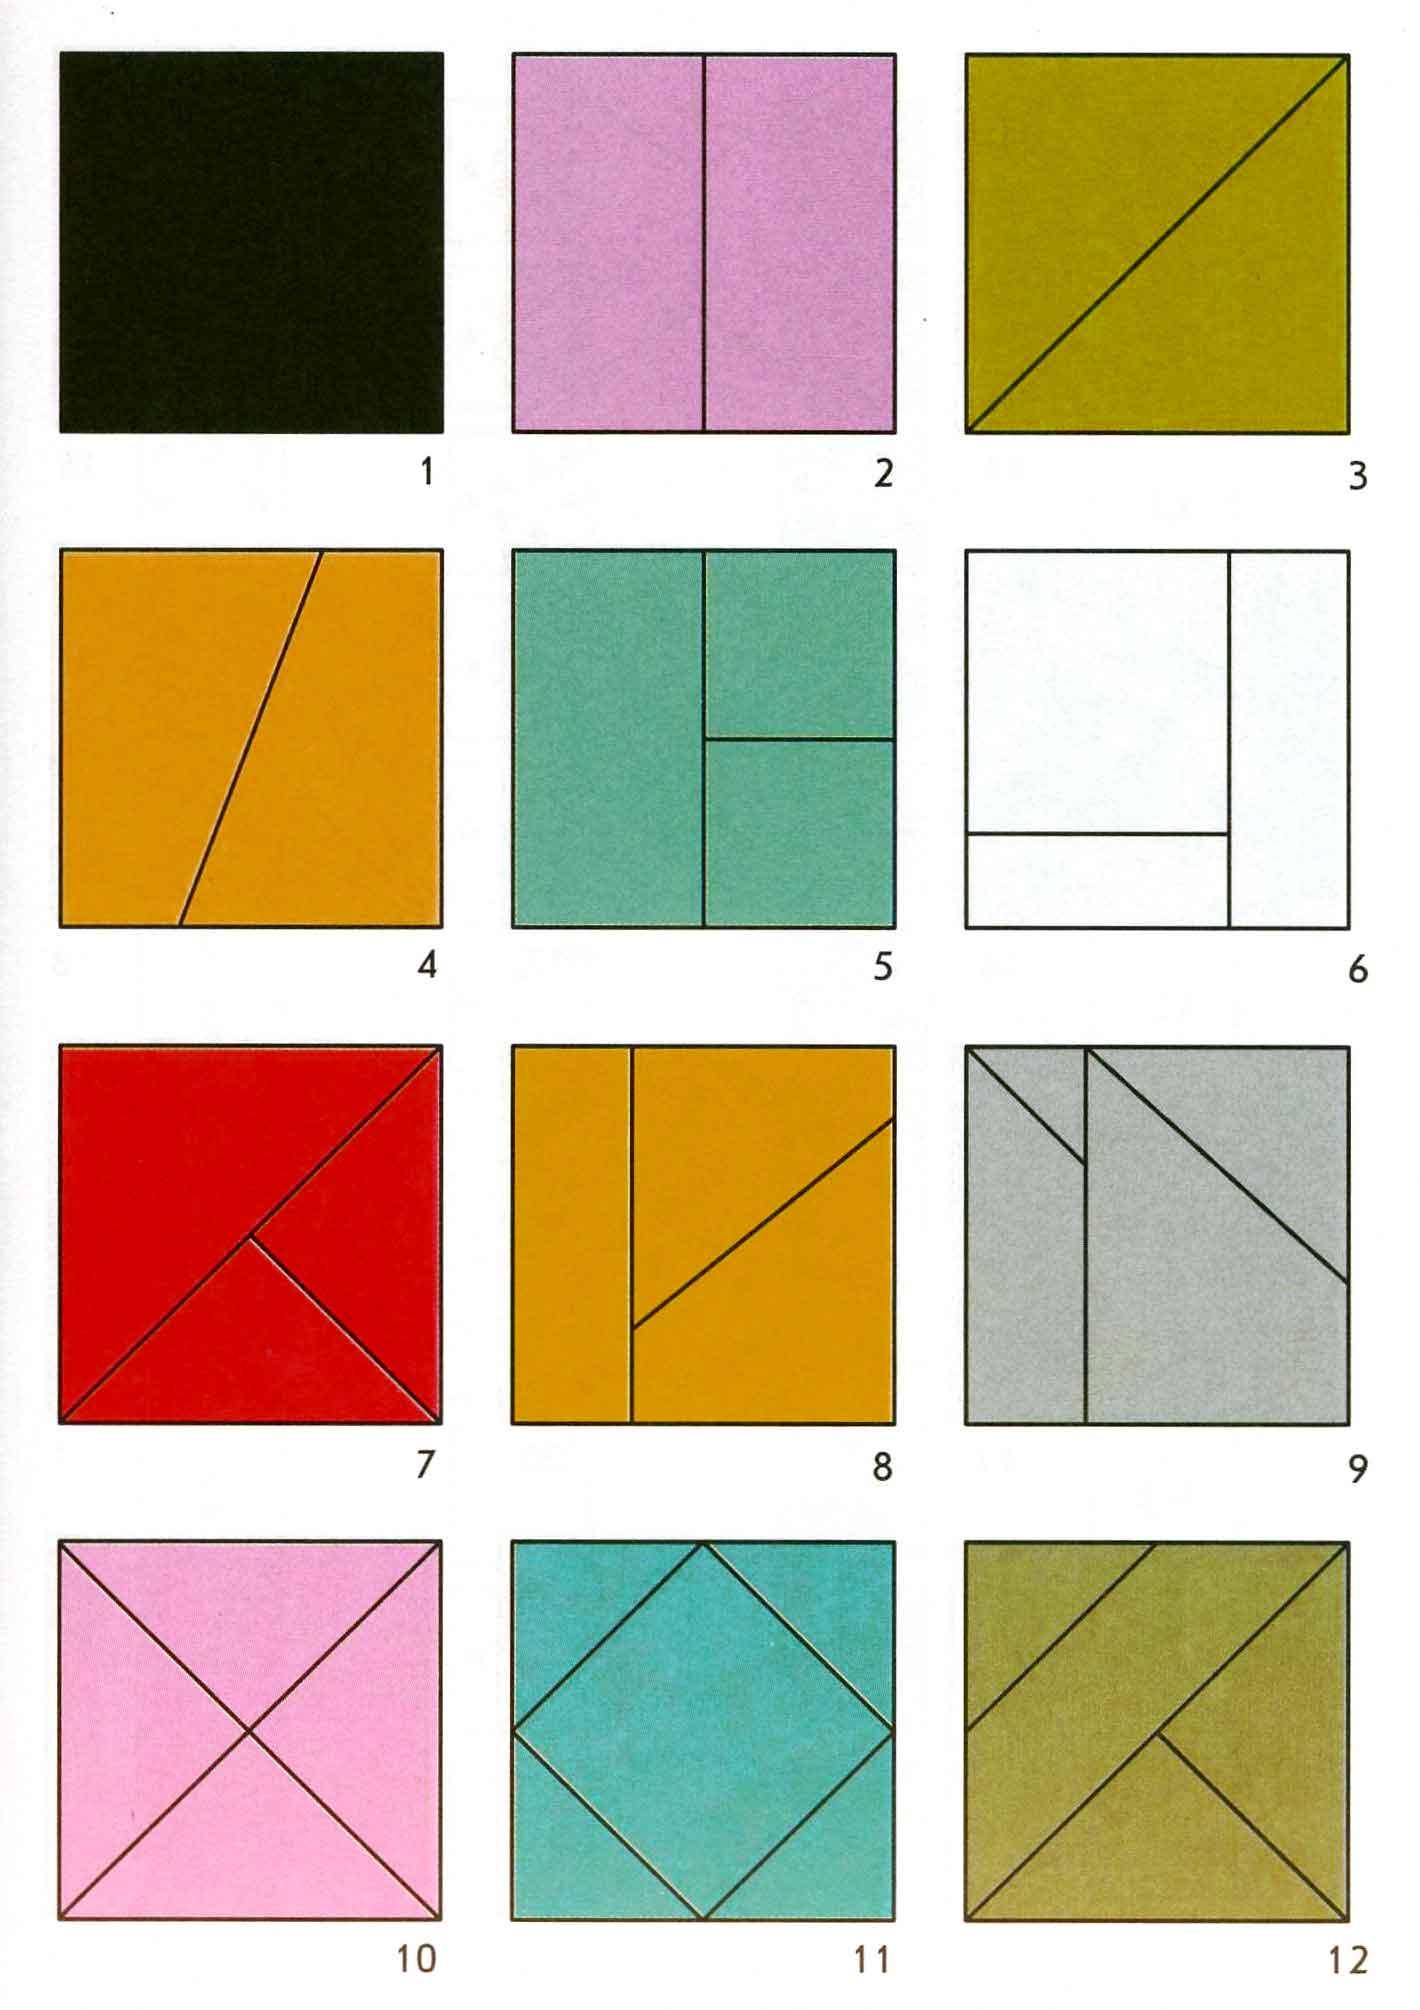 Сложи квадрат никитиных своими руками